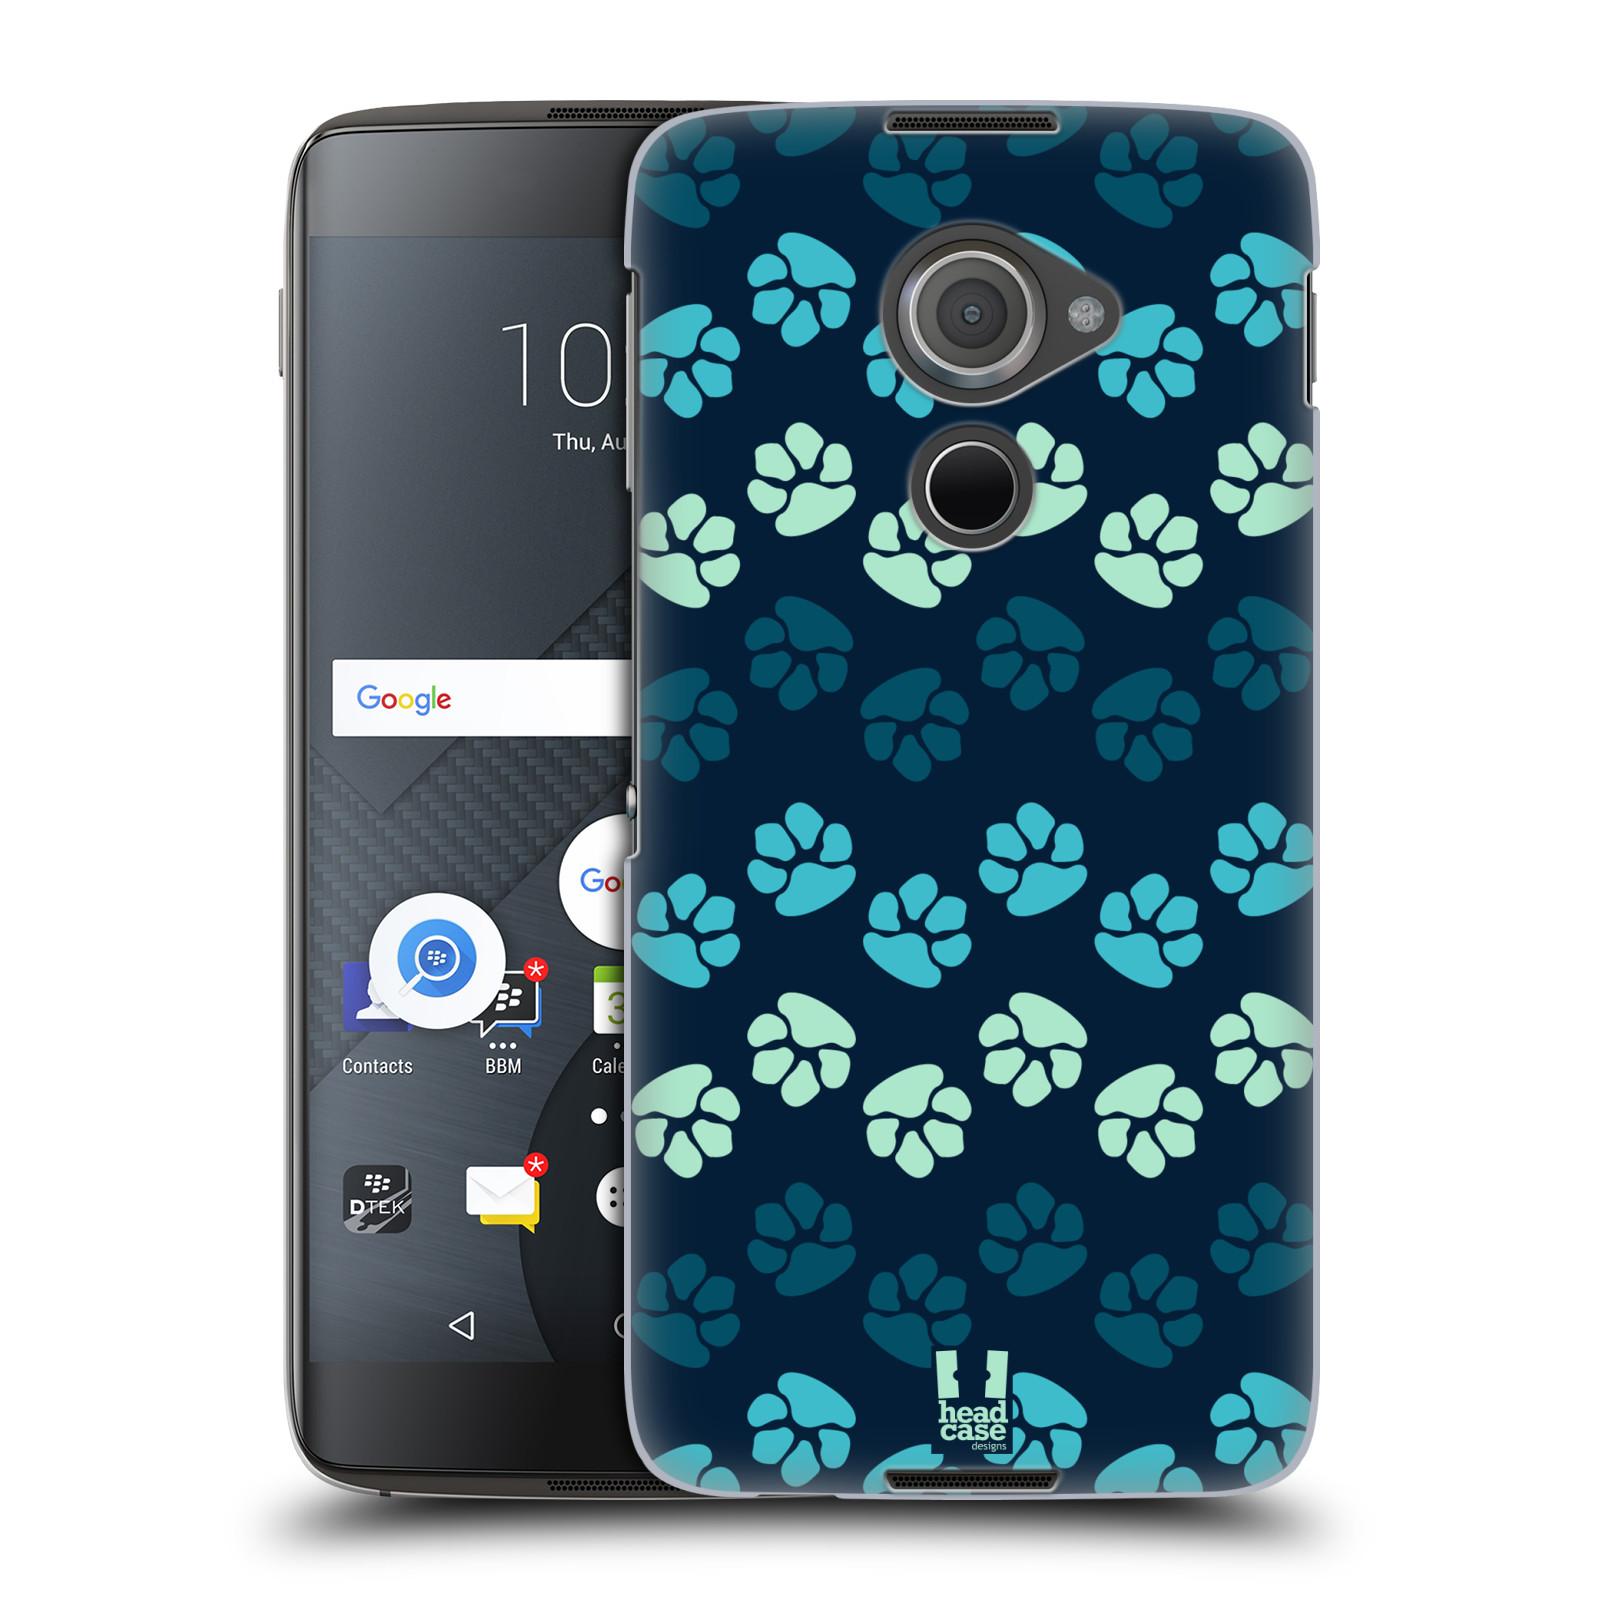 Plastové pouzdro na mobil Blackberry DTEK60 (Argon) - Head Case TLAPKY MODRÉ (Plastový kryt či obal na mobilní telefon Blackberry DTEK60 (Argon))